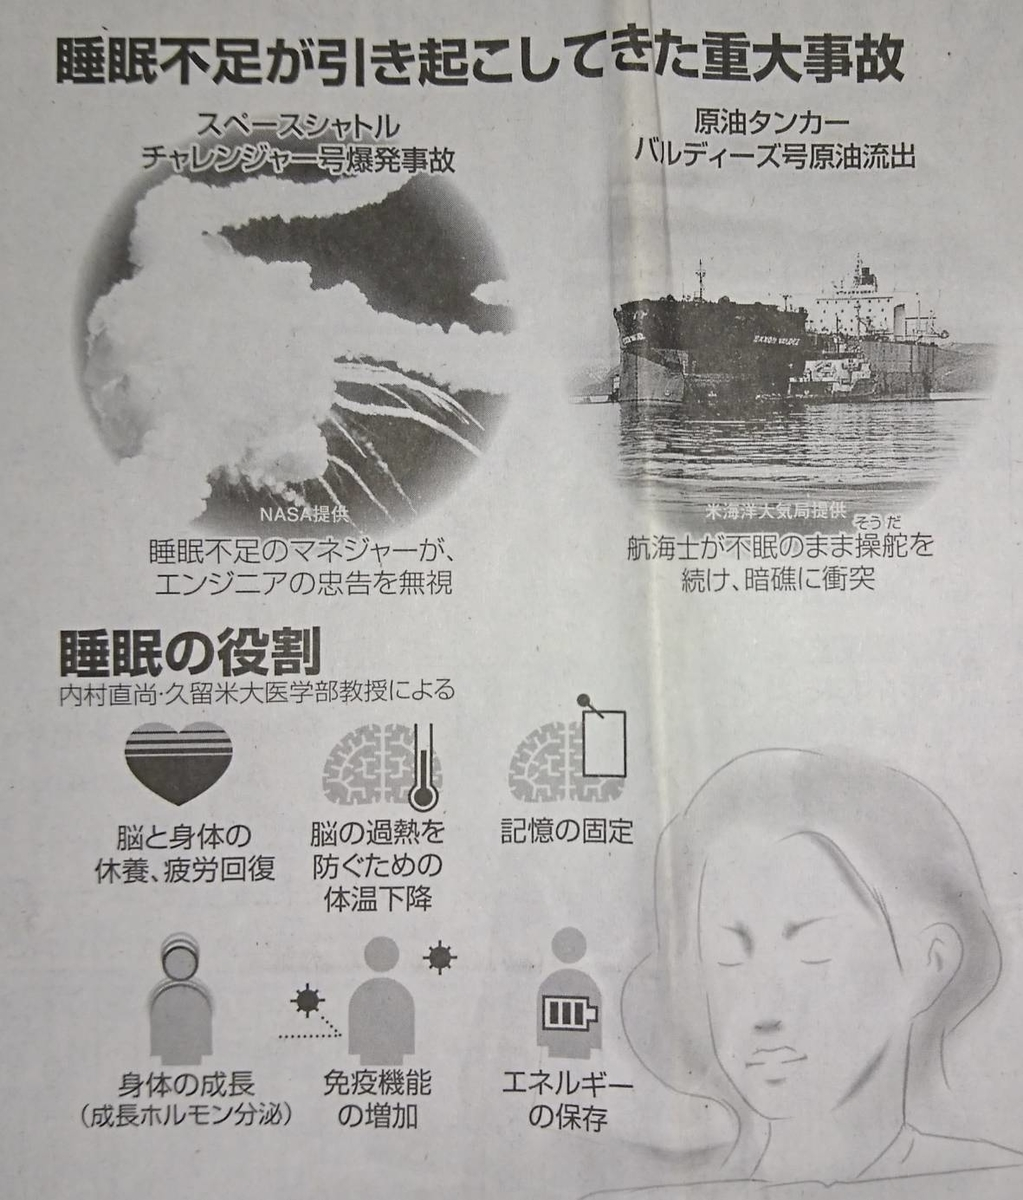 f:id:kazura-kobayashi:20200616084432j:plain